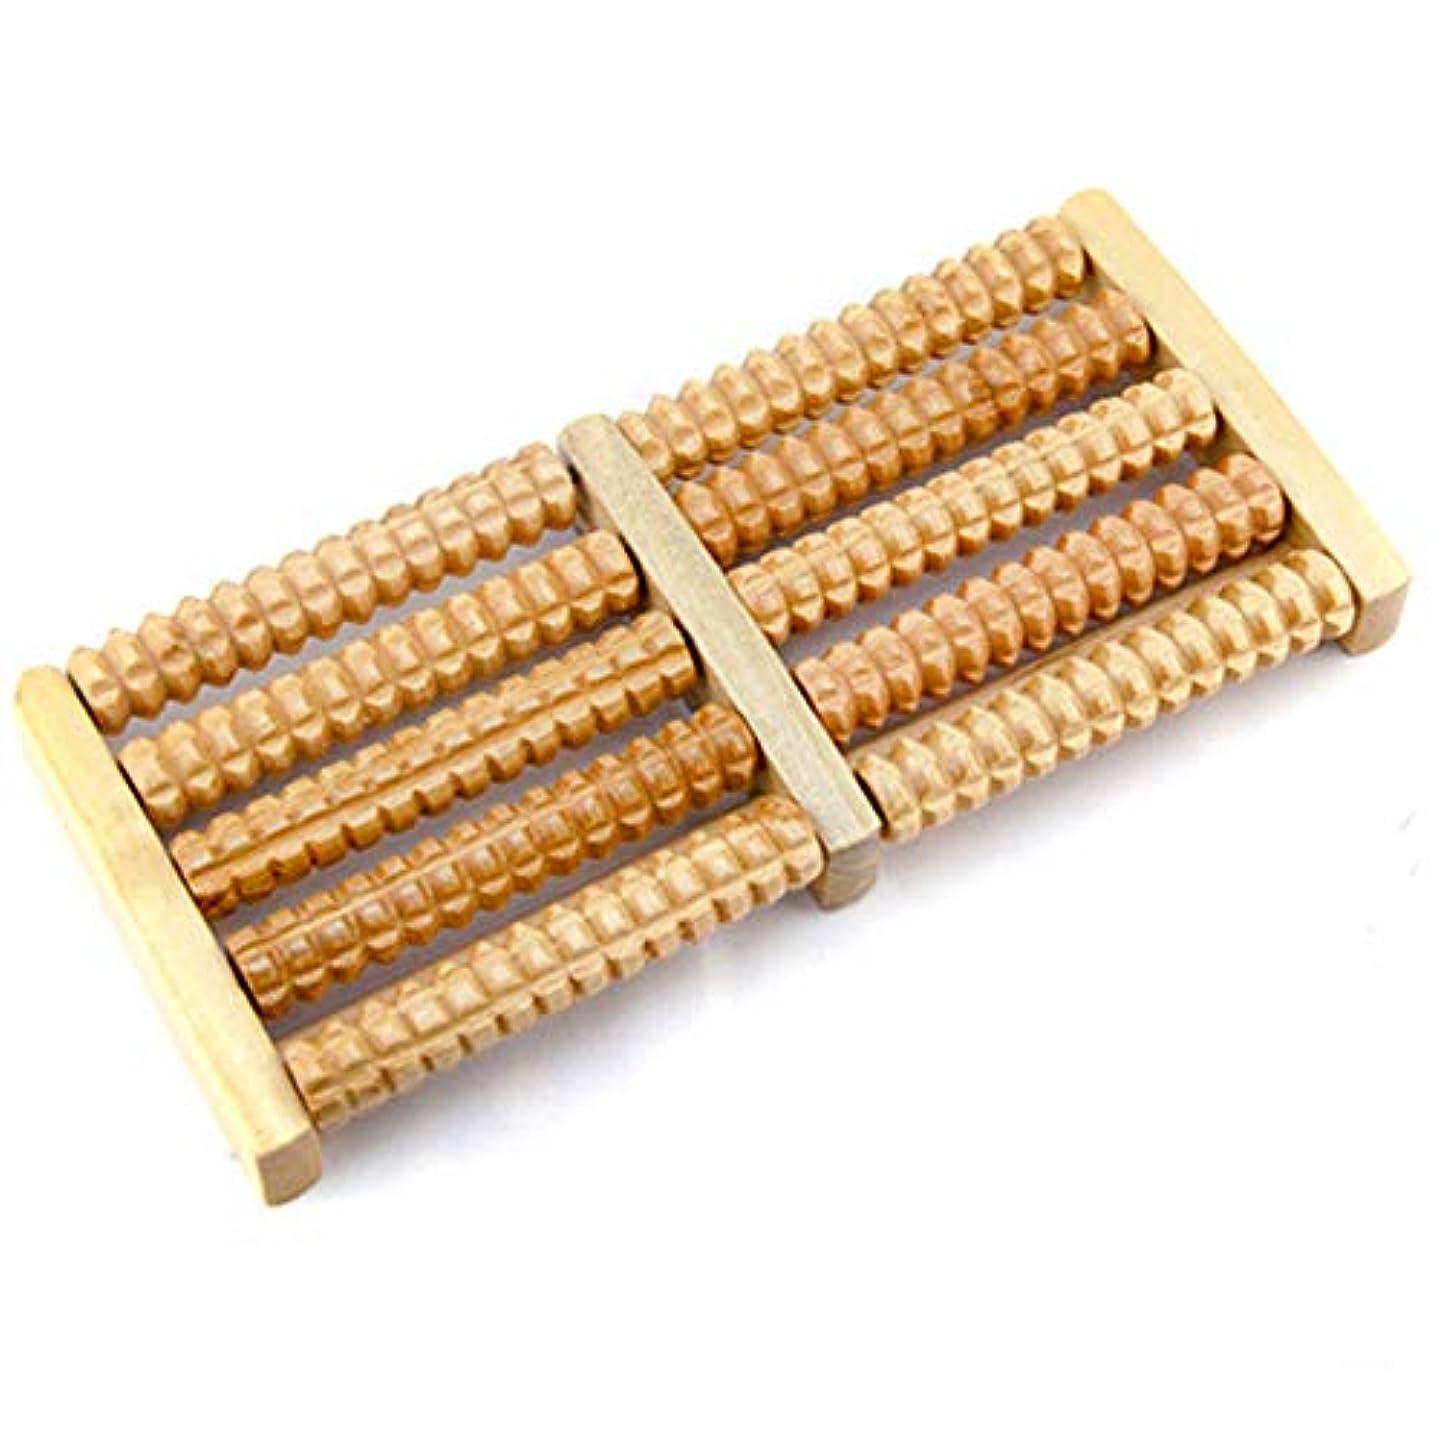 ホイール拘束するいつ5列ホイールローラーウッドマッサージデバイス圧力ローリングフット木製マッサージ器具リフレクソロジー